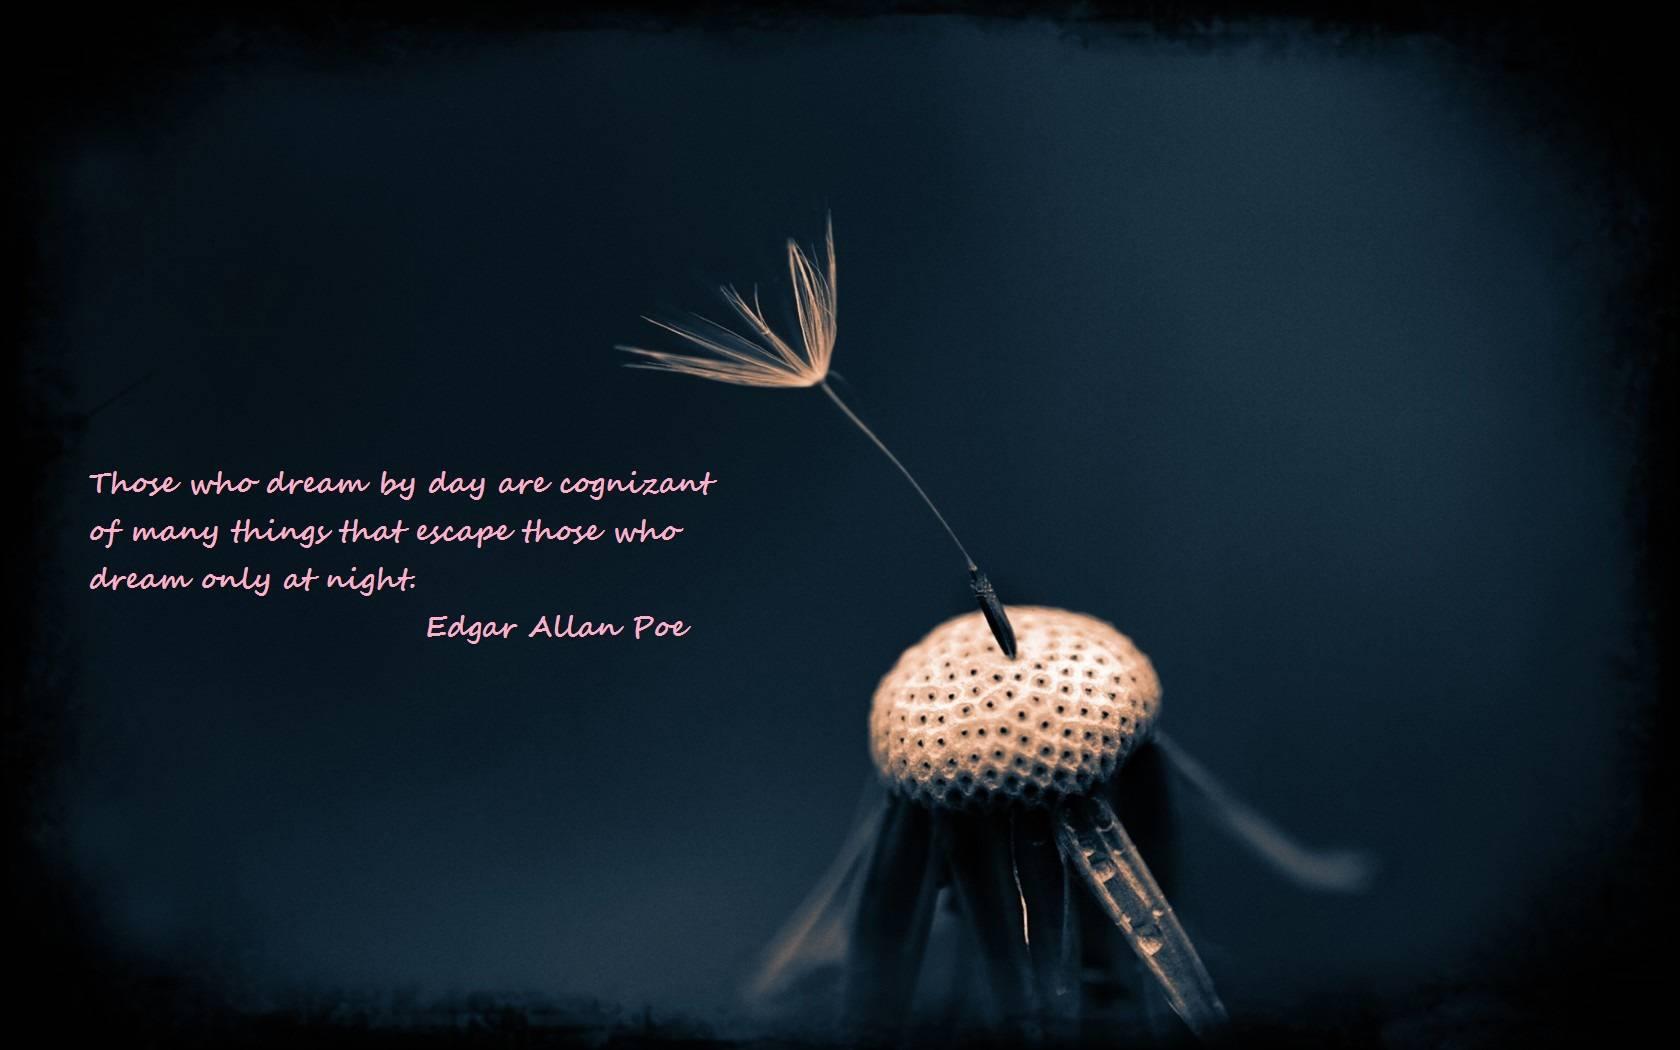 Edgar Allan Poe Life Quotes 20